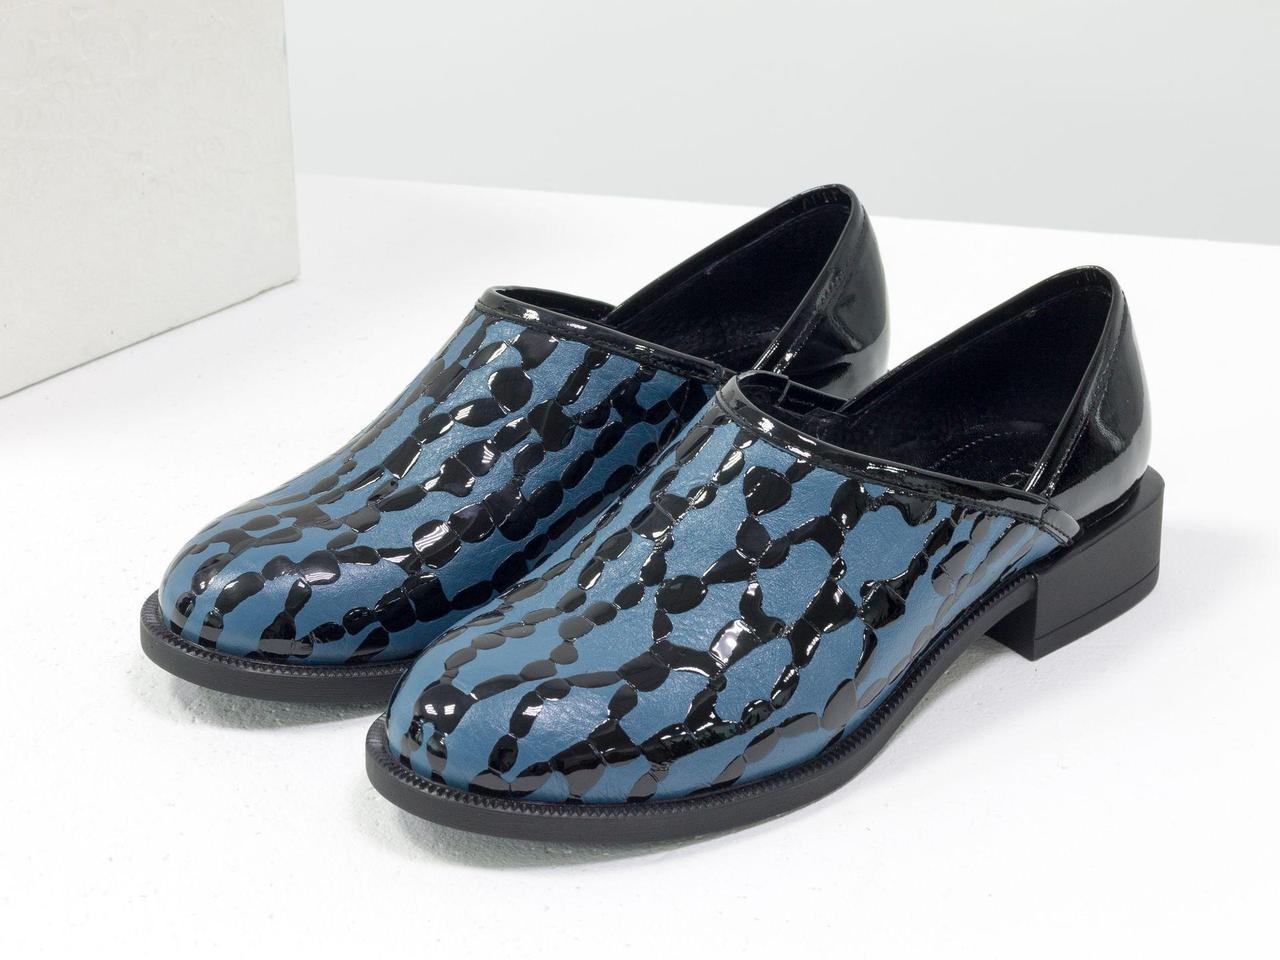 Элегантные женские туфли из натуральной кожи серо-голубого цвета с текстурой крокодил и каплями лака, 36-41